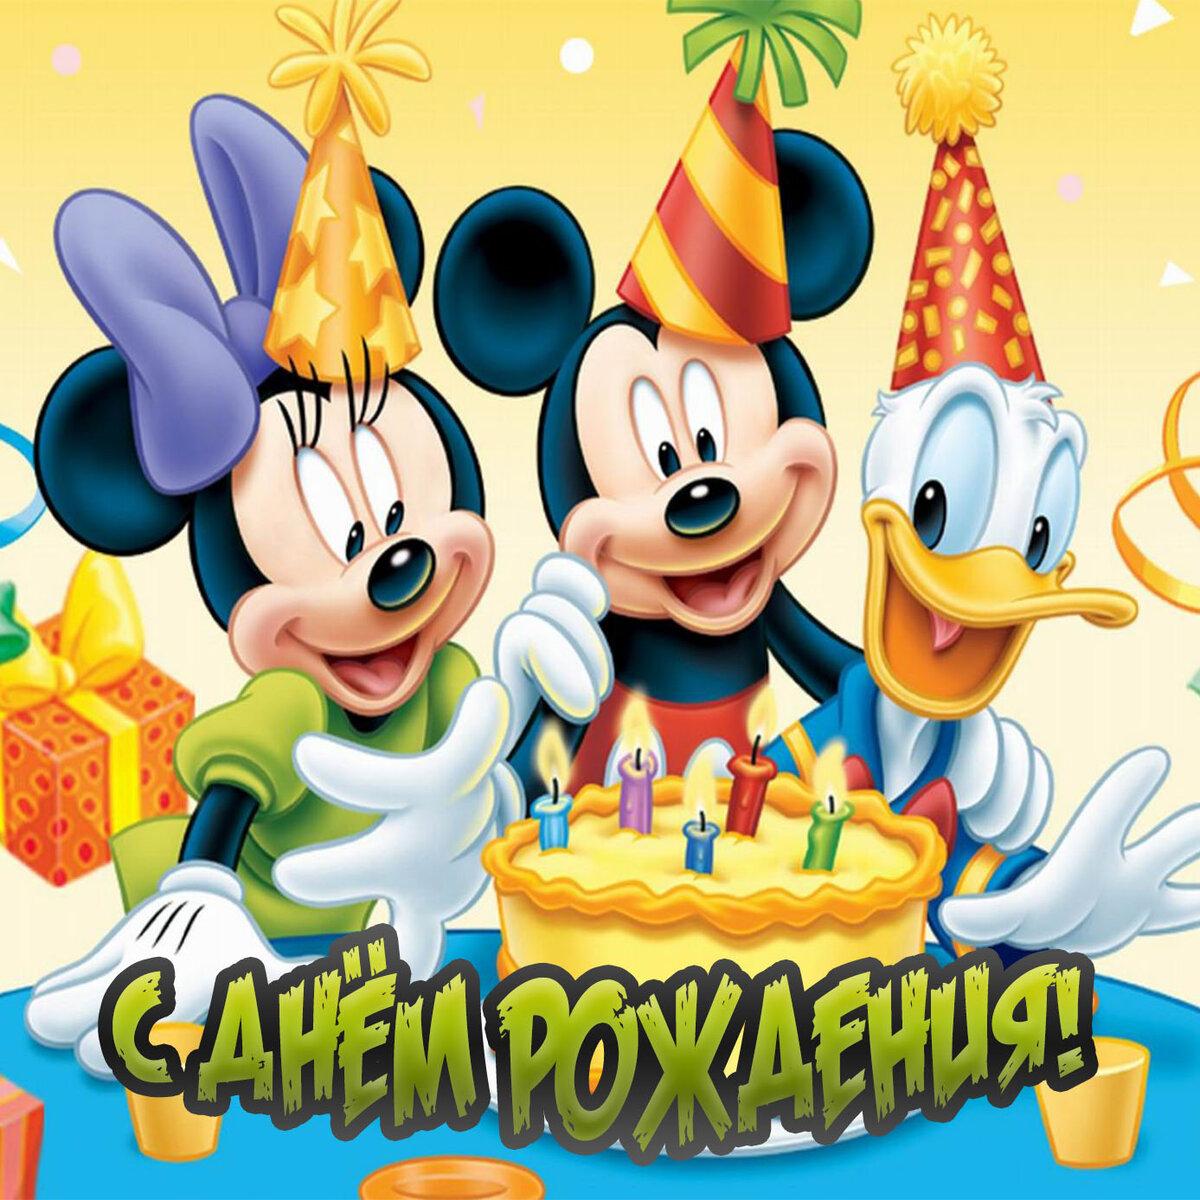 Поздравление с детским днем рождения картинки